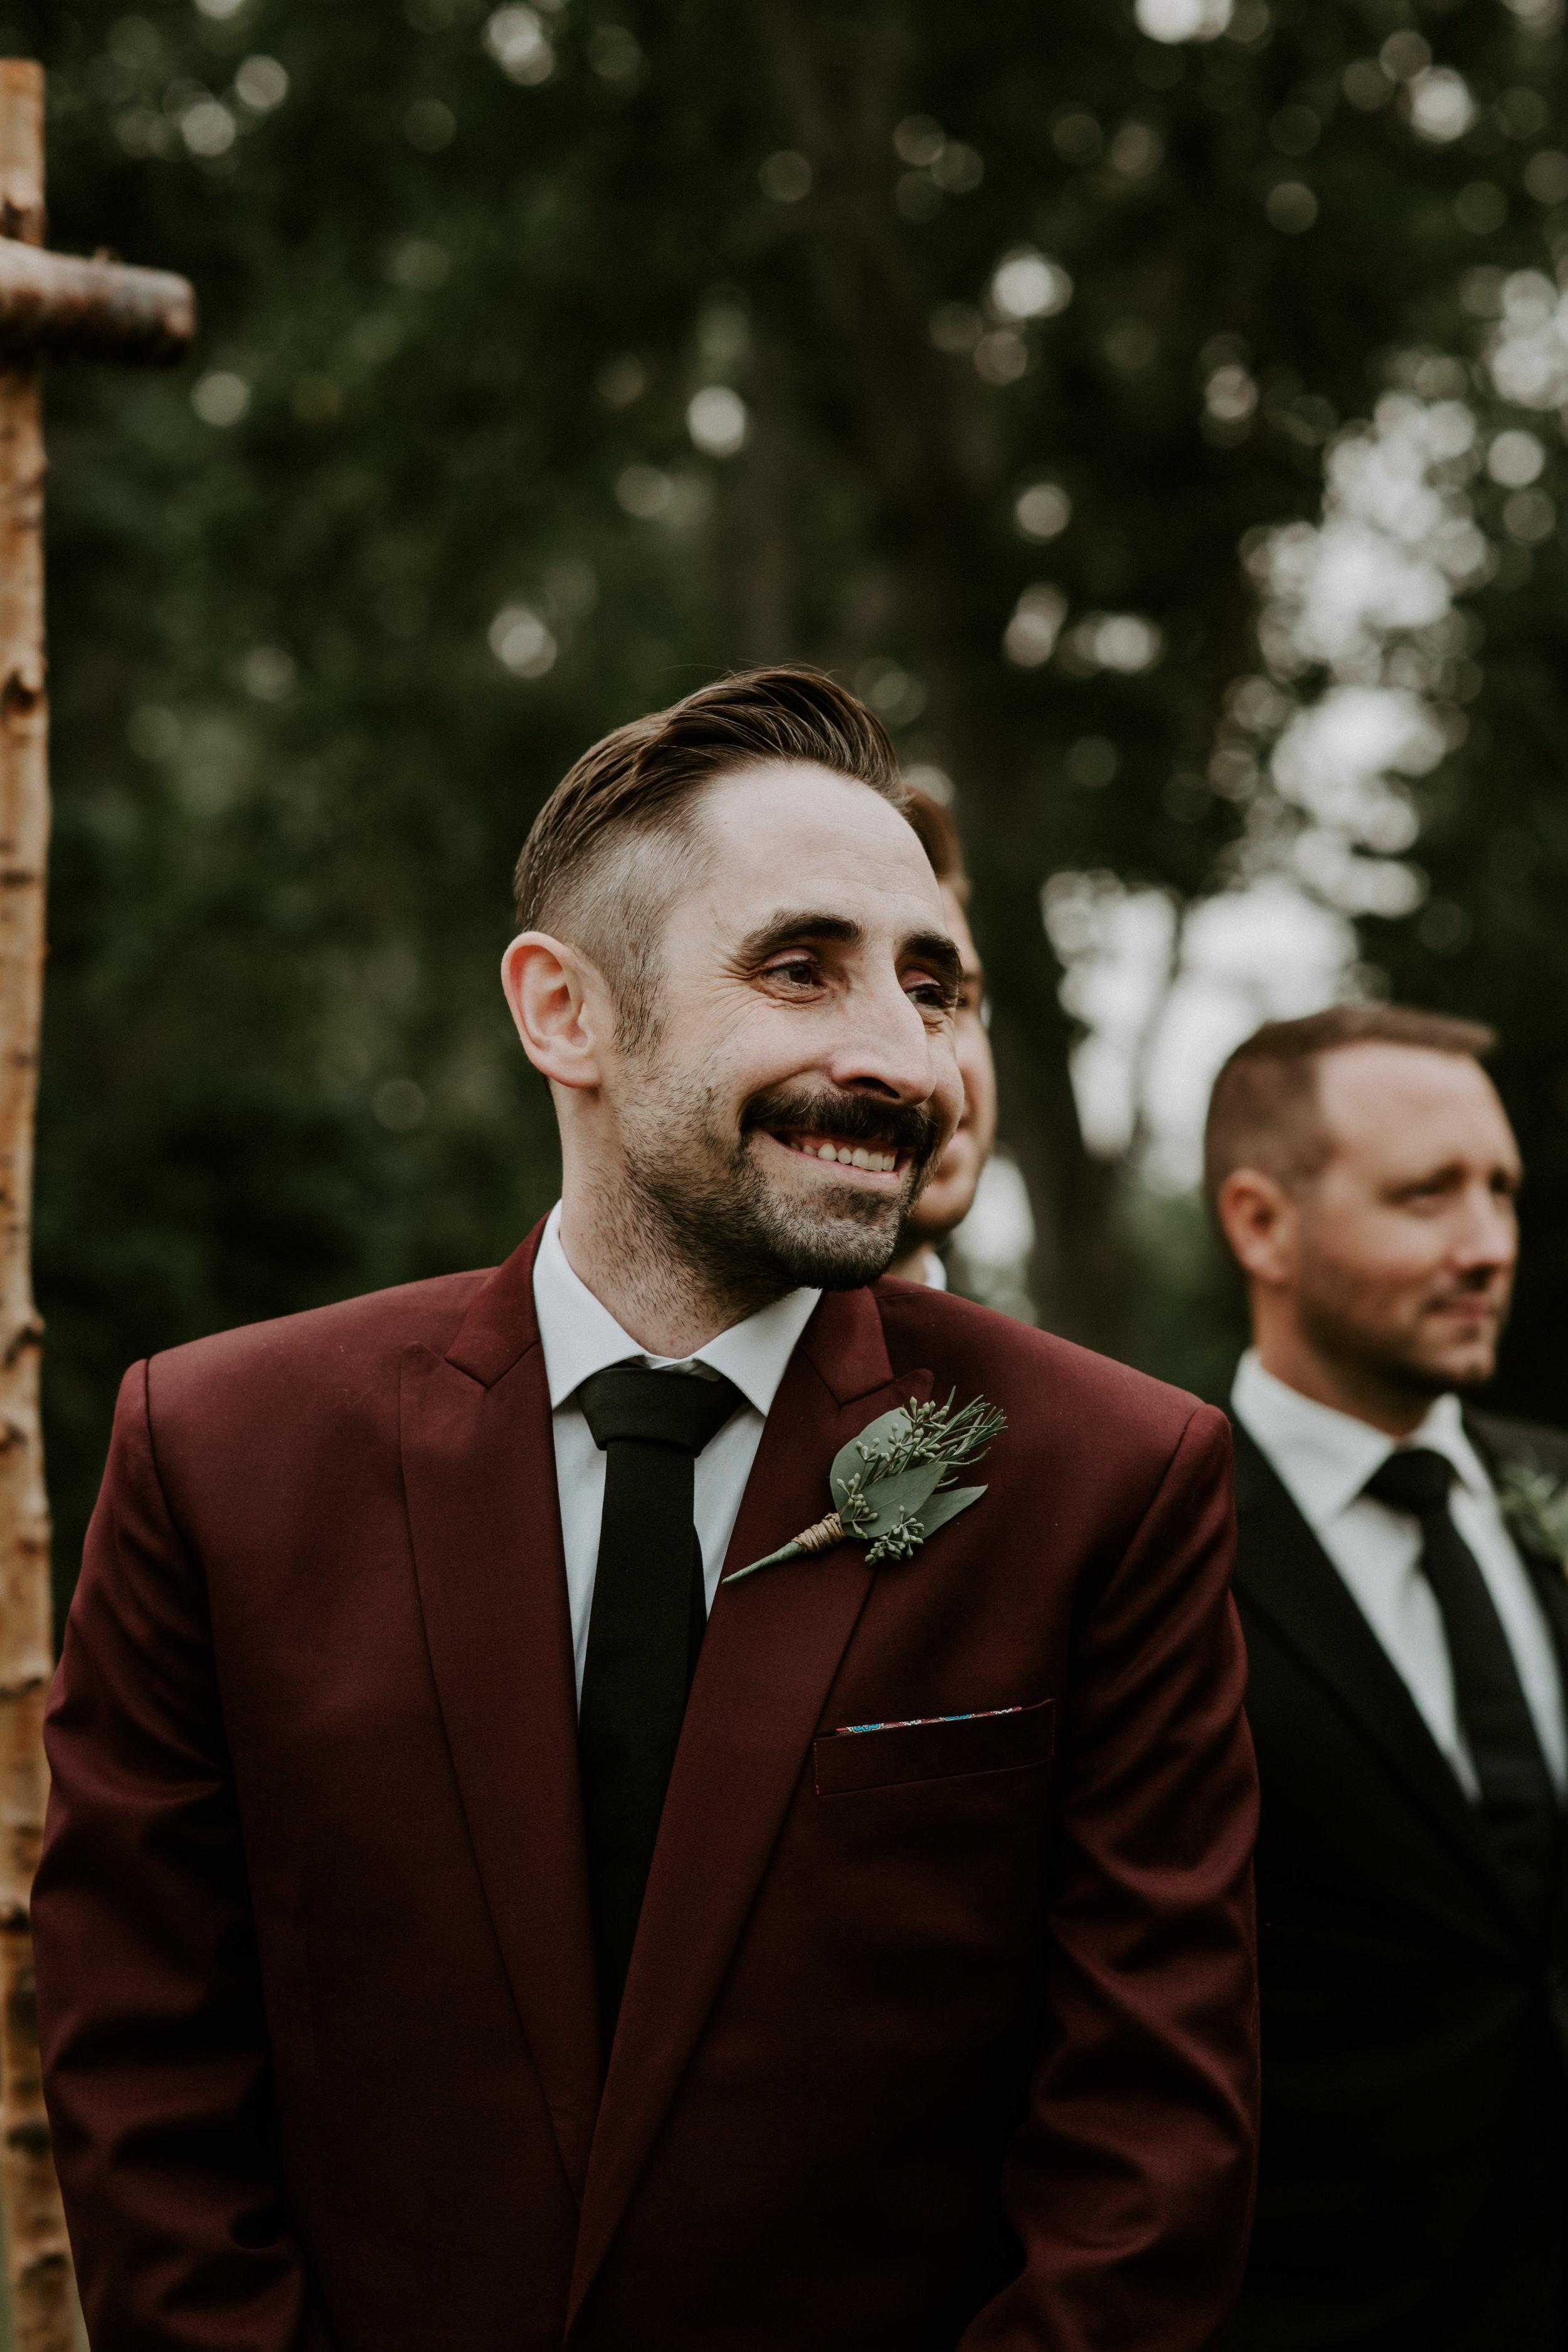 Calgary Wedding Photographer - 21 of 84.jpg